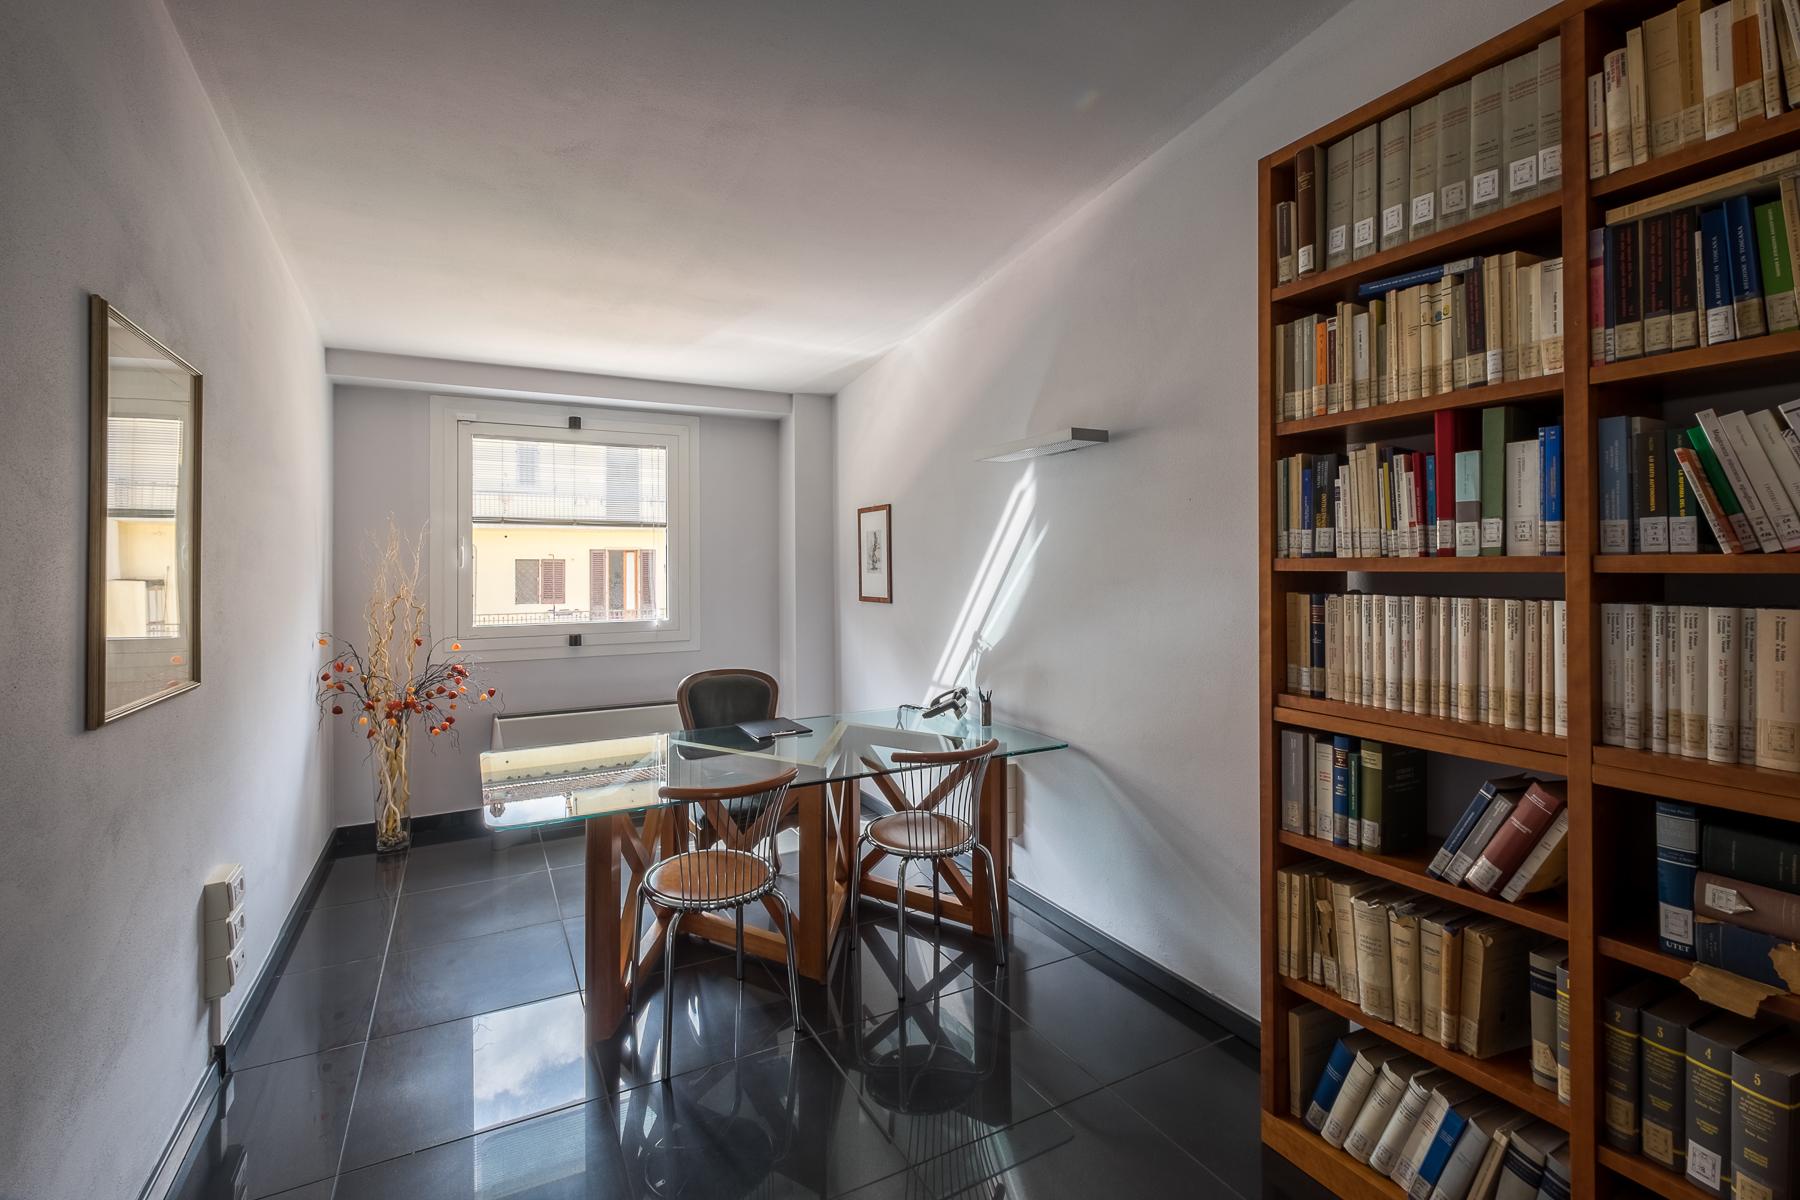 Casa indipendente in Vendita a Firenze: 5 locali, 790 mq - Foto 11